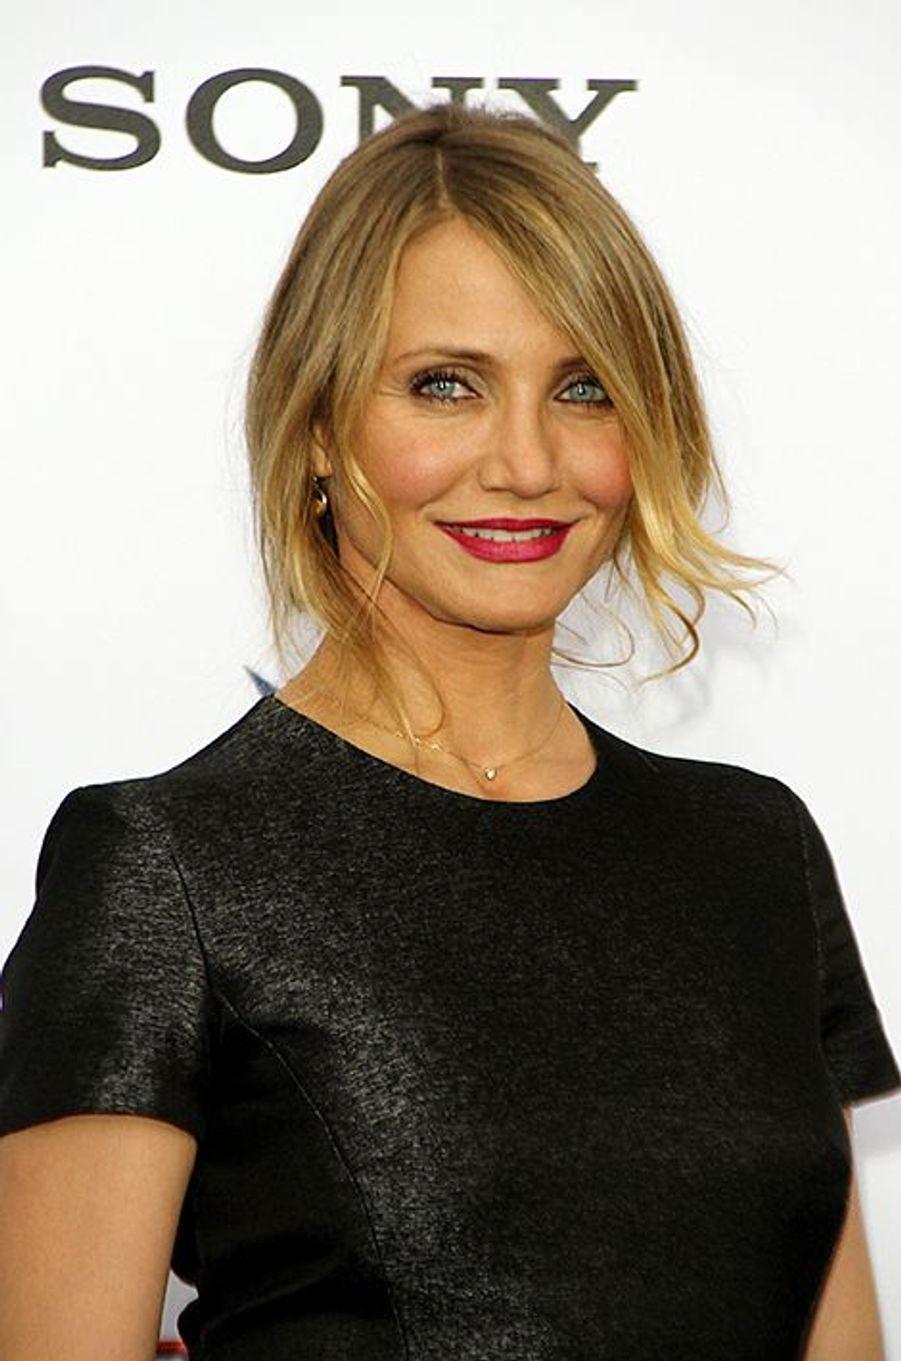 """Début 2014, l'actrice de 42 ans s'était confiée à «Entertainment Tonight» pour passer aux aveux. «J'ai essayé le Botox par petites touches. Mais ça a vraiment changé mon visage d'une façon étrange. Je me suis dit : """"Non, je ne veux pas ressembler à ça !""""» Mieux vaut tard que jamais..."""